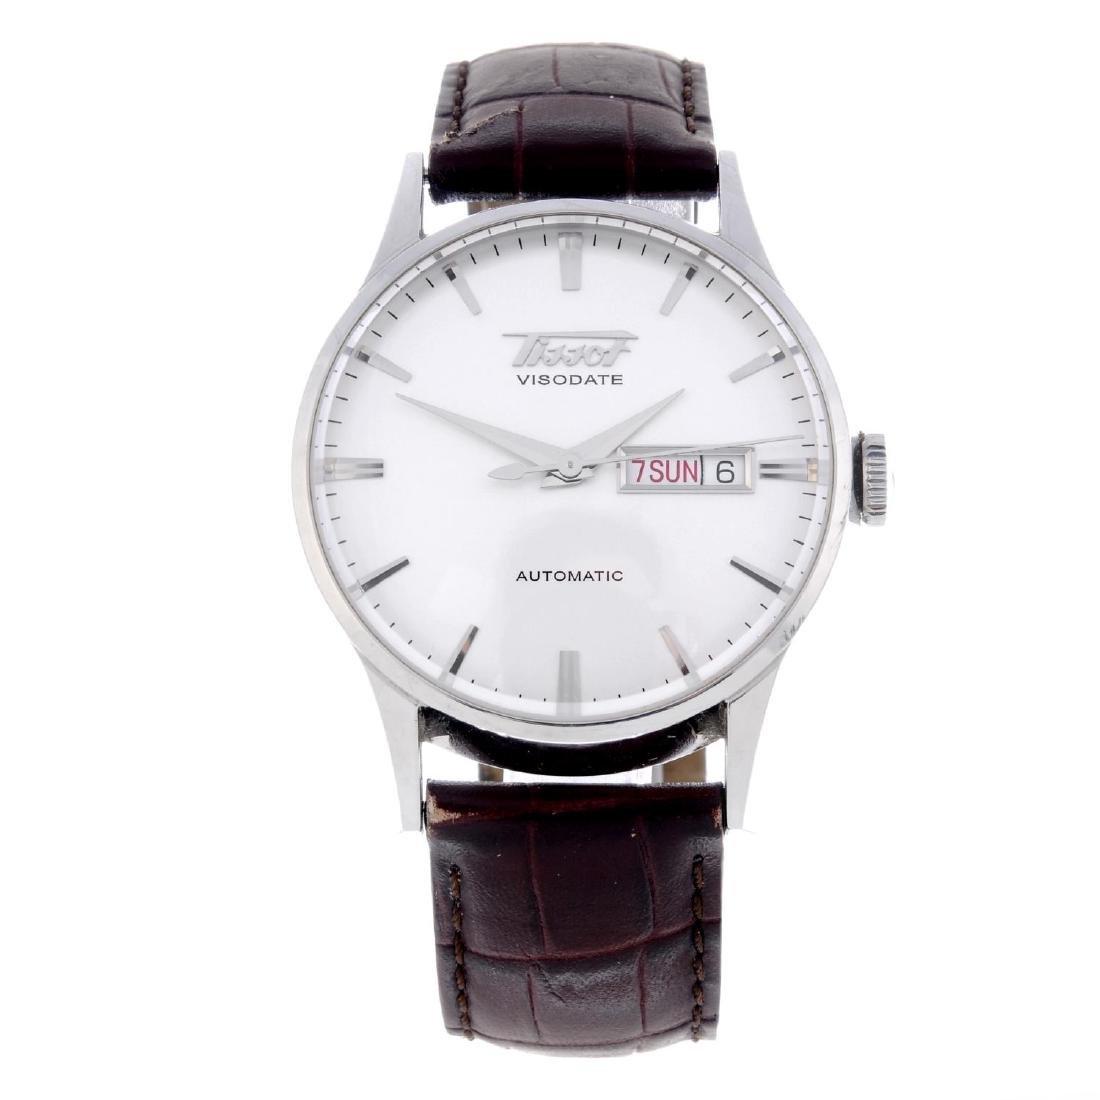 TISSOT - a gentleman's Visodate wrist watch. Stainless